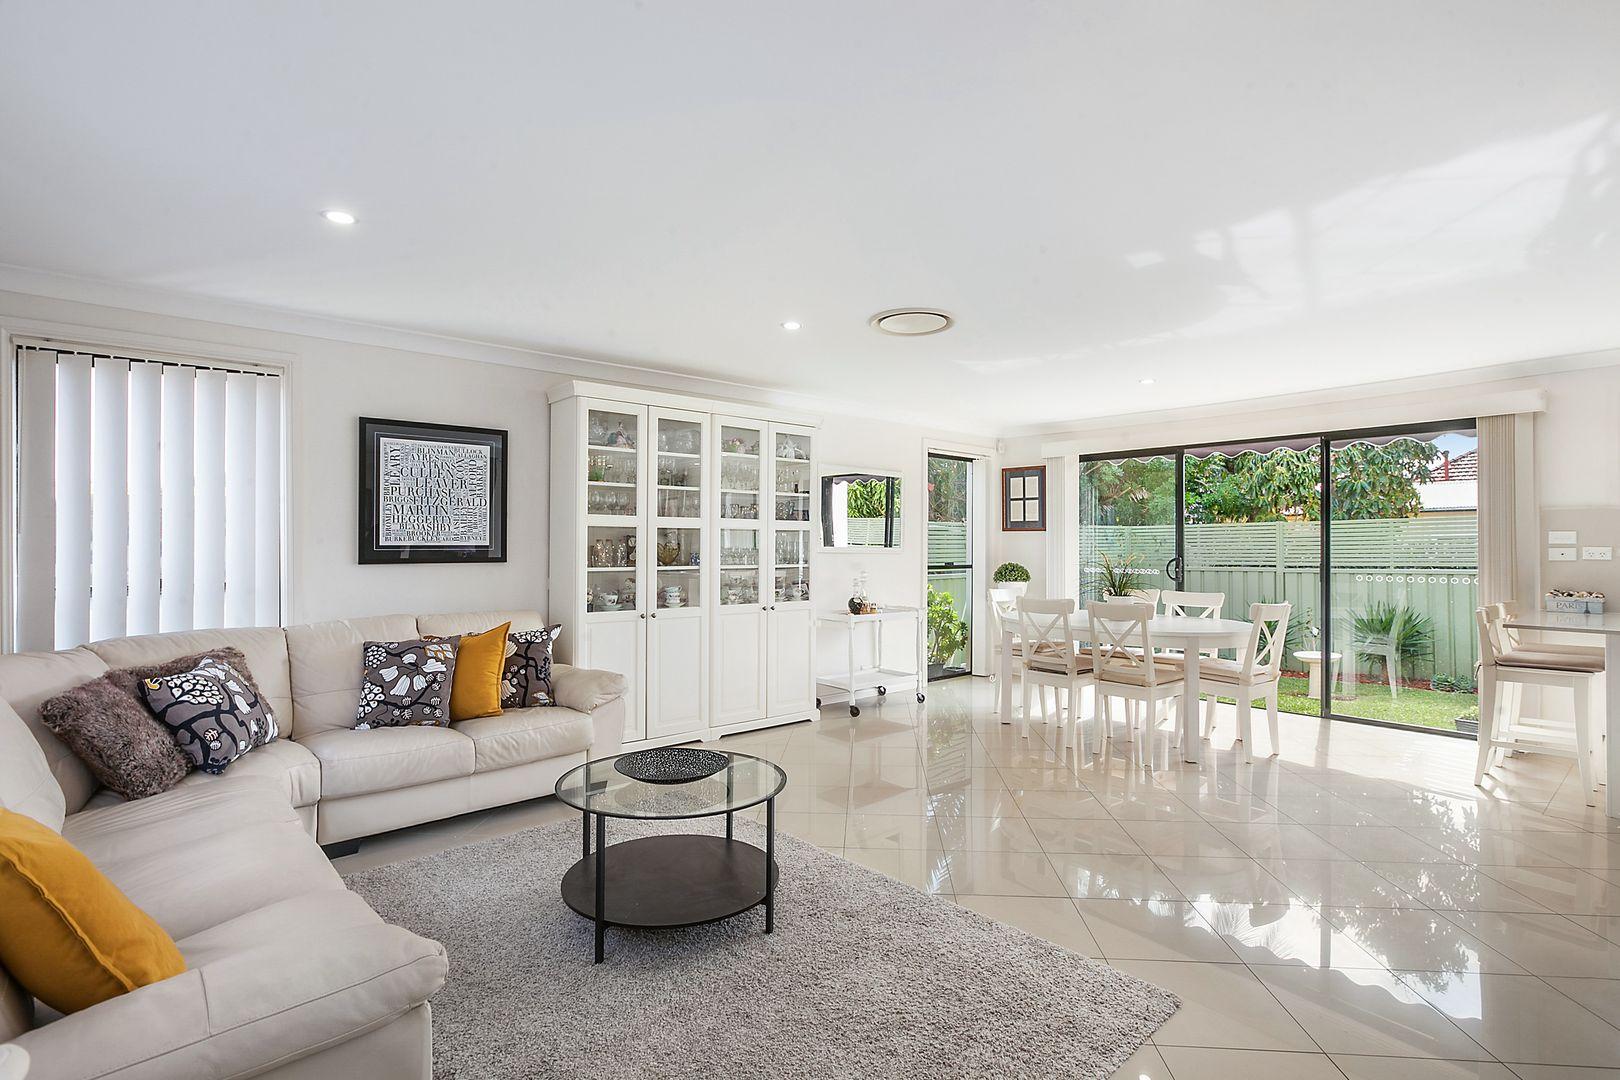 3/14 Oaks  Avenue, Long Jetty NSW 2261, Image 0